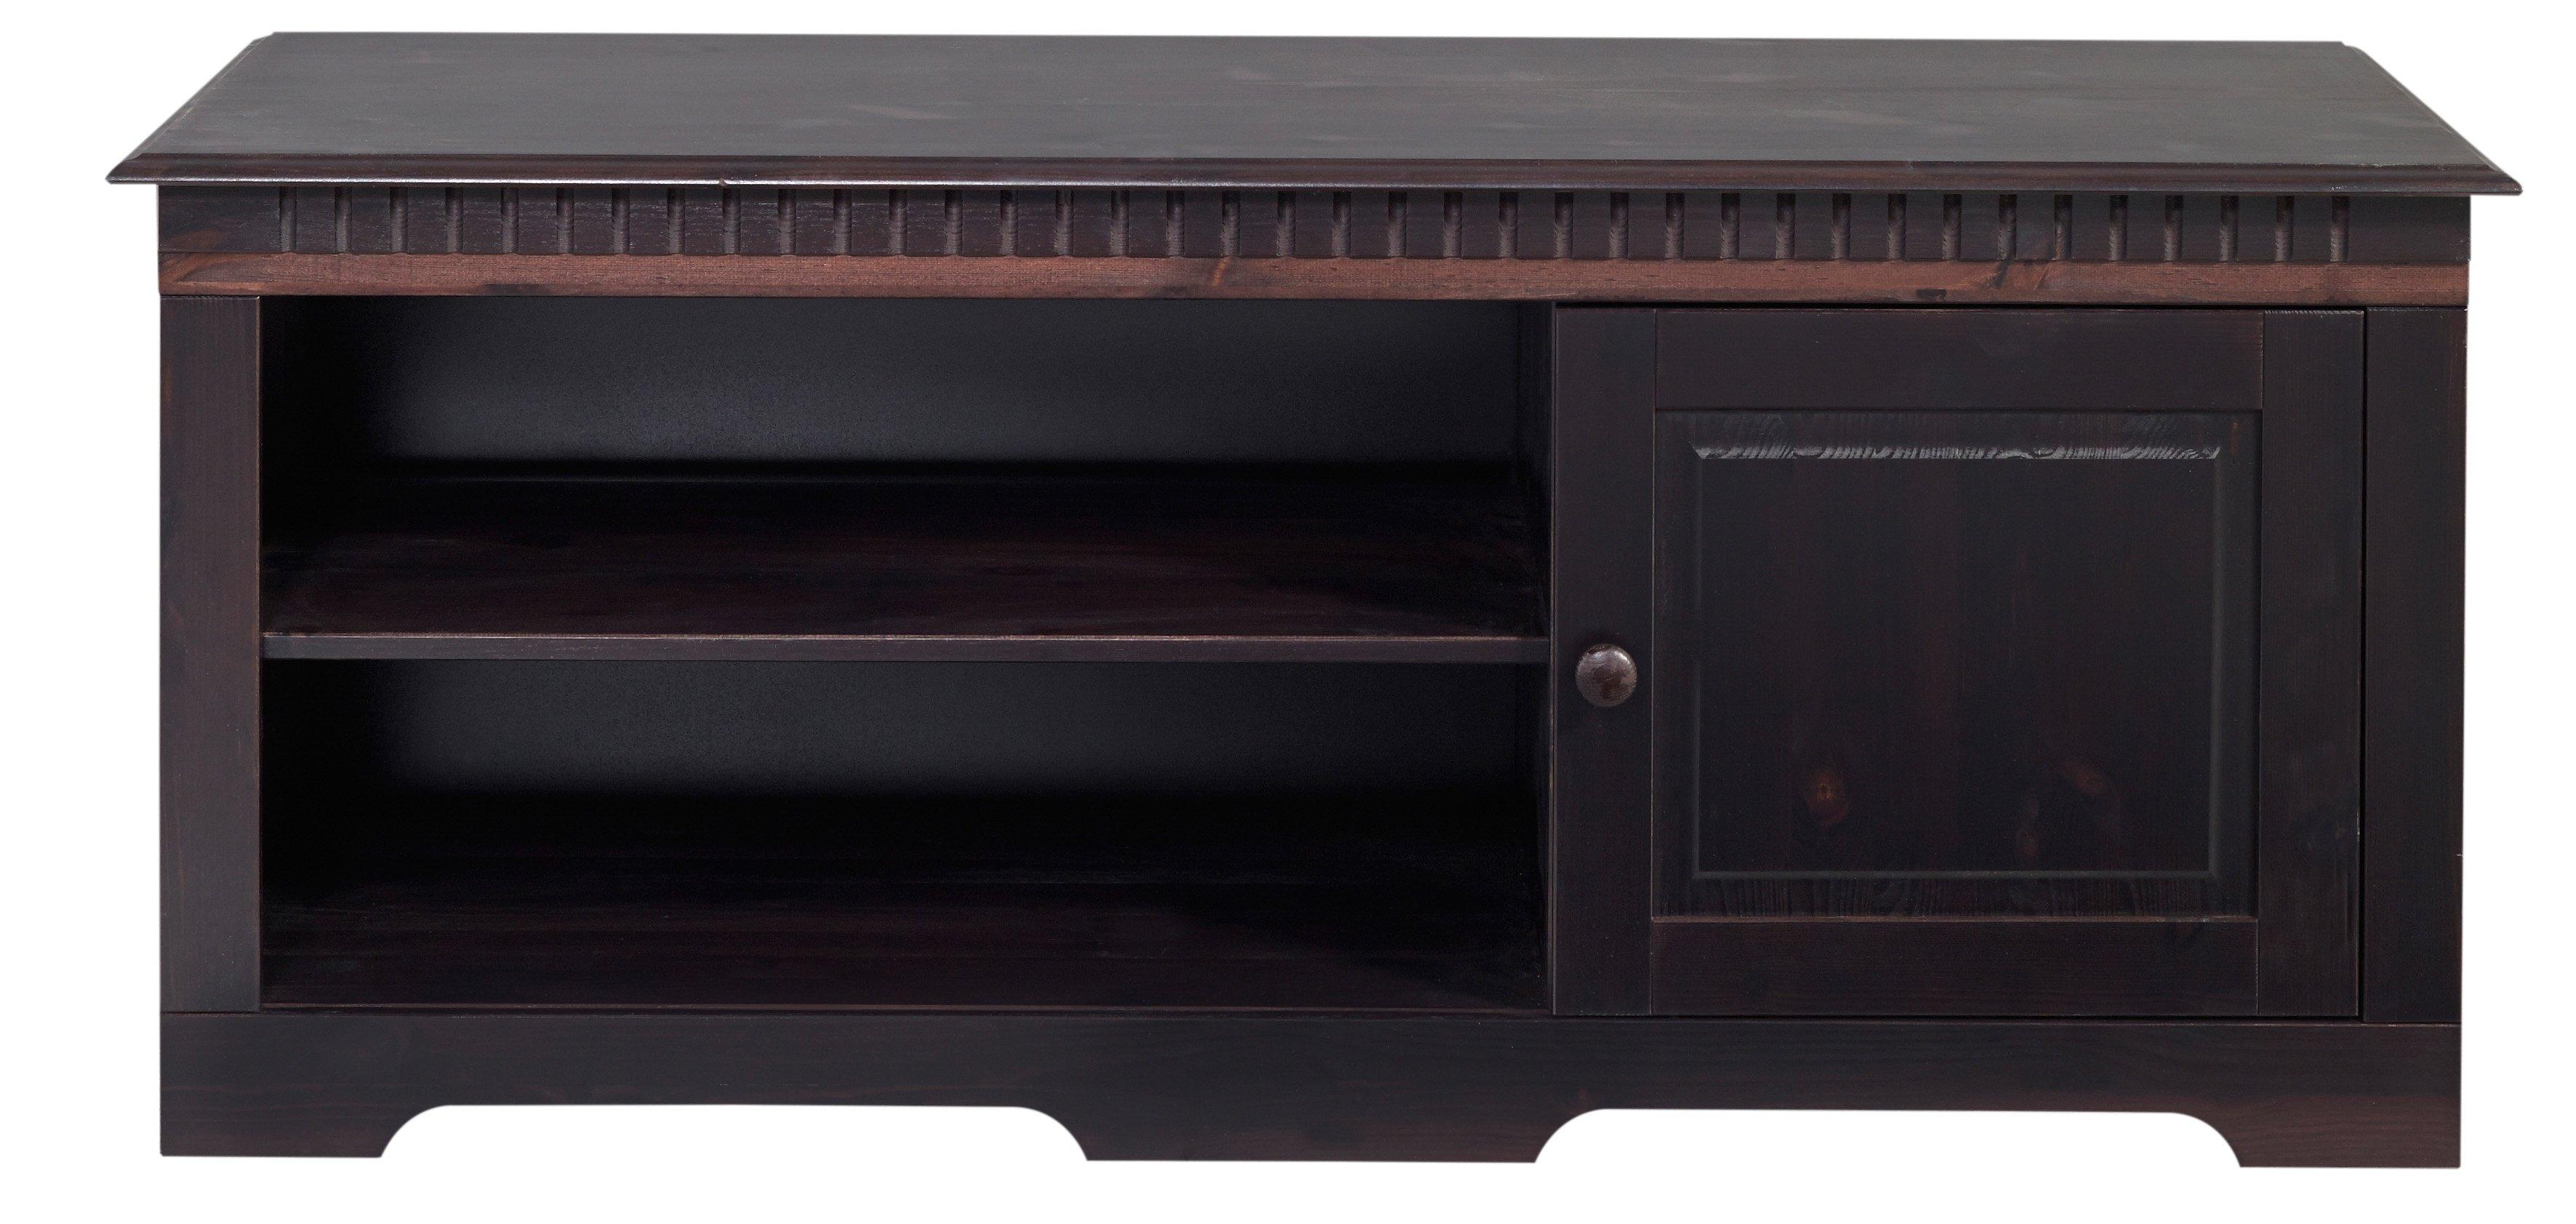 Home affaire tv-meubel Breedte 130 cm, draagvermogen tot 75 kg online kopen op otto.nl